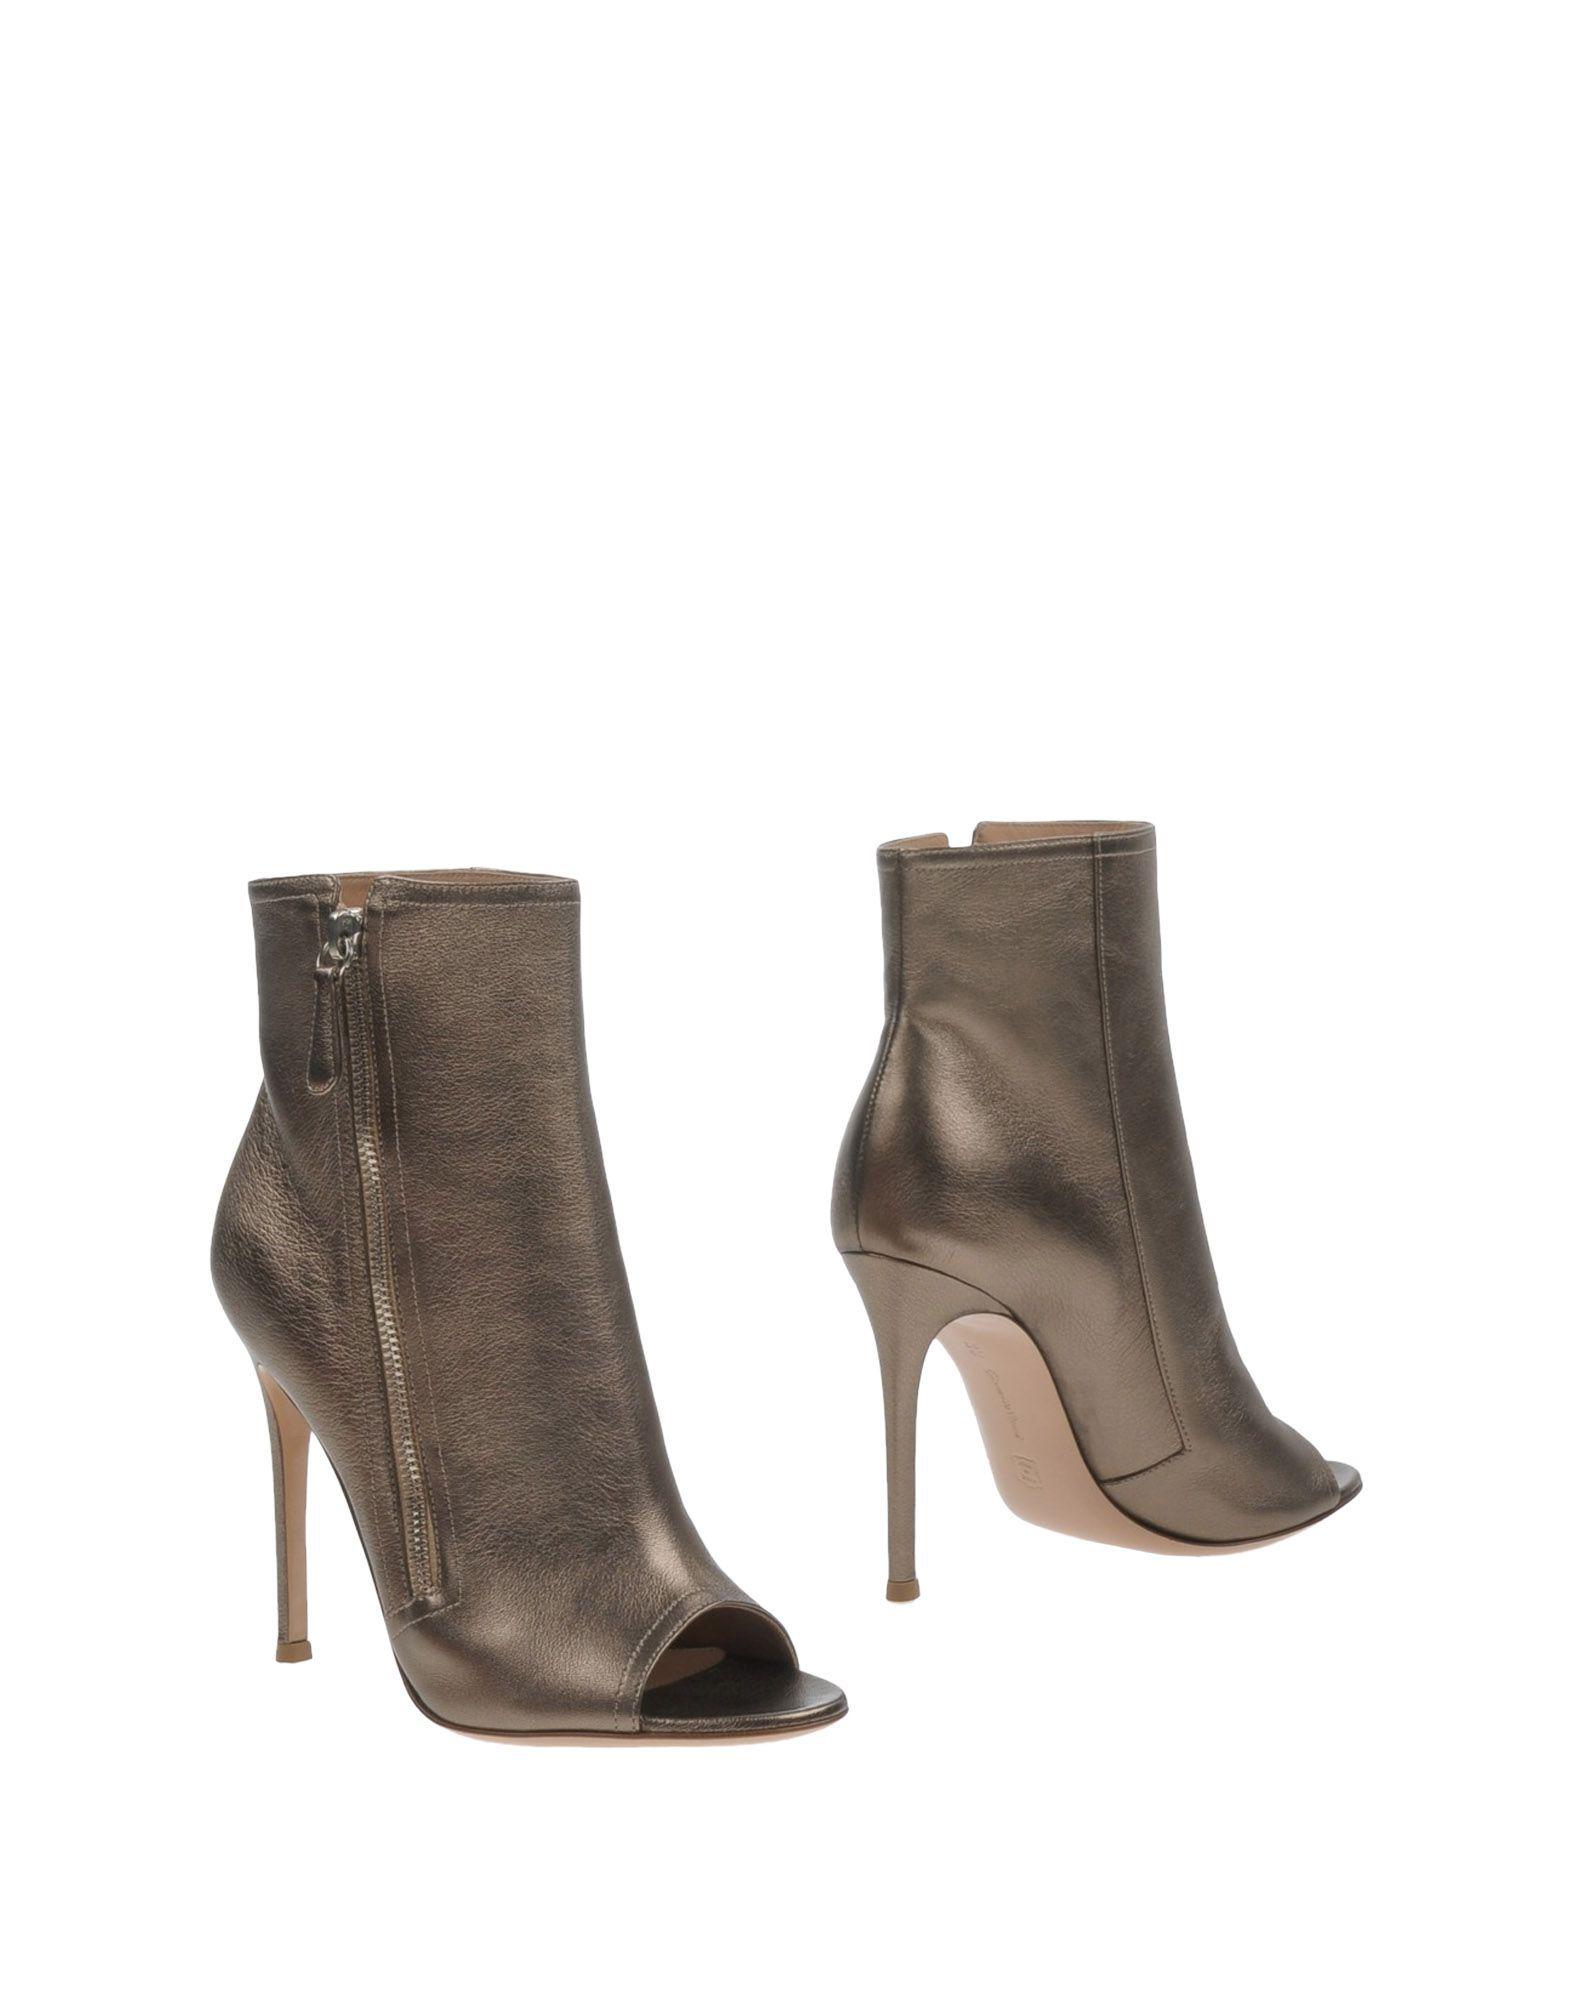 Gianvito Rossi Stiefelette Damen aussehende  11369764EMGünstige gut aussehende Damen Schuhe 462547